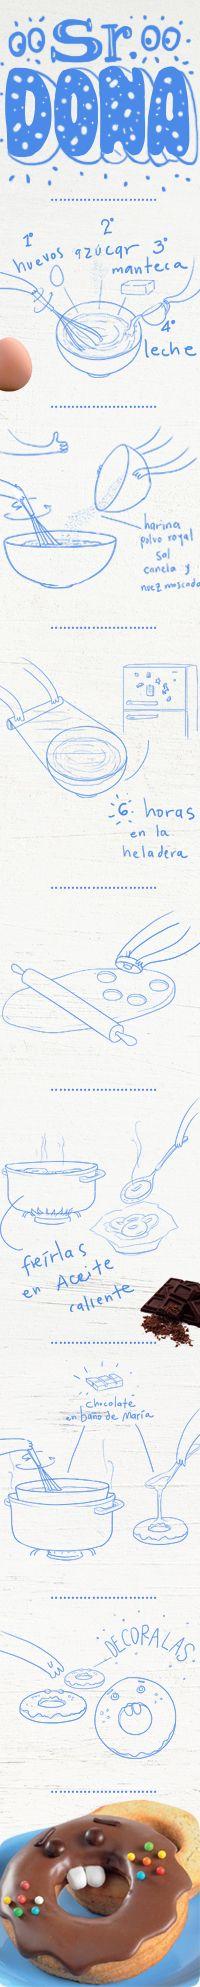 INGREDIENTES: Para la masa: 2 huevos, 1 taza de azúcar  2 Cdas. de manteca, ¾ taza de leche,  3 ½ tazas de harina, 1 Cda. de Polvo Royal, ½ cdta. de sal, 1 cdta. de canela, ¼ cdta. de nuez moscada.  Para decorar: 350 g de chocolate cobertura, Confites de chocolate, Granas de colores, Pastillaje para los dientes.